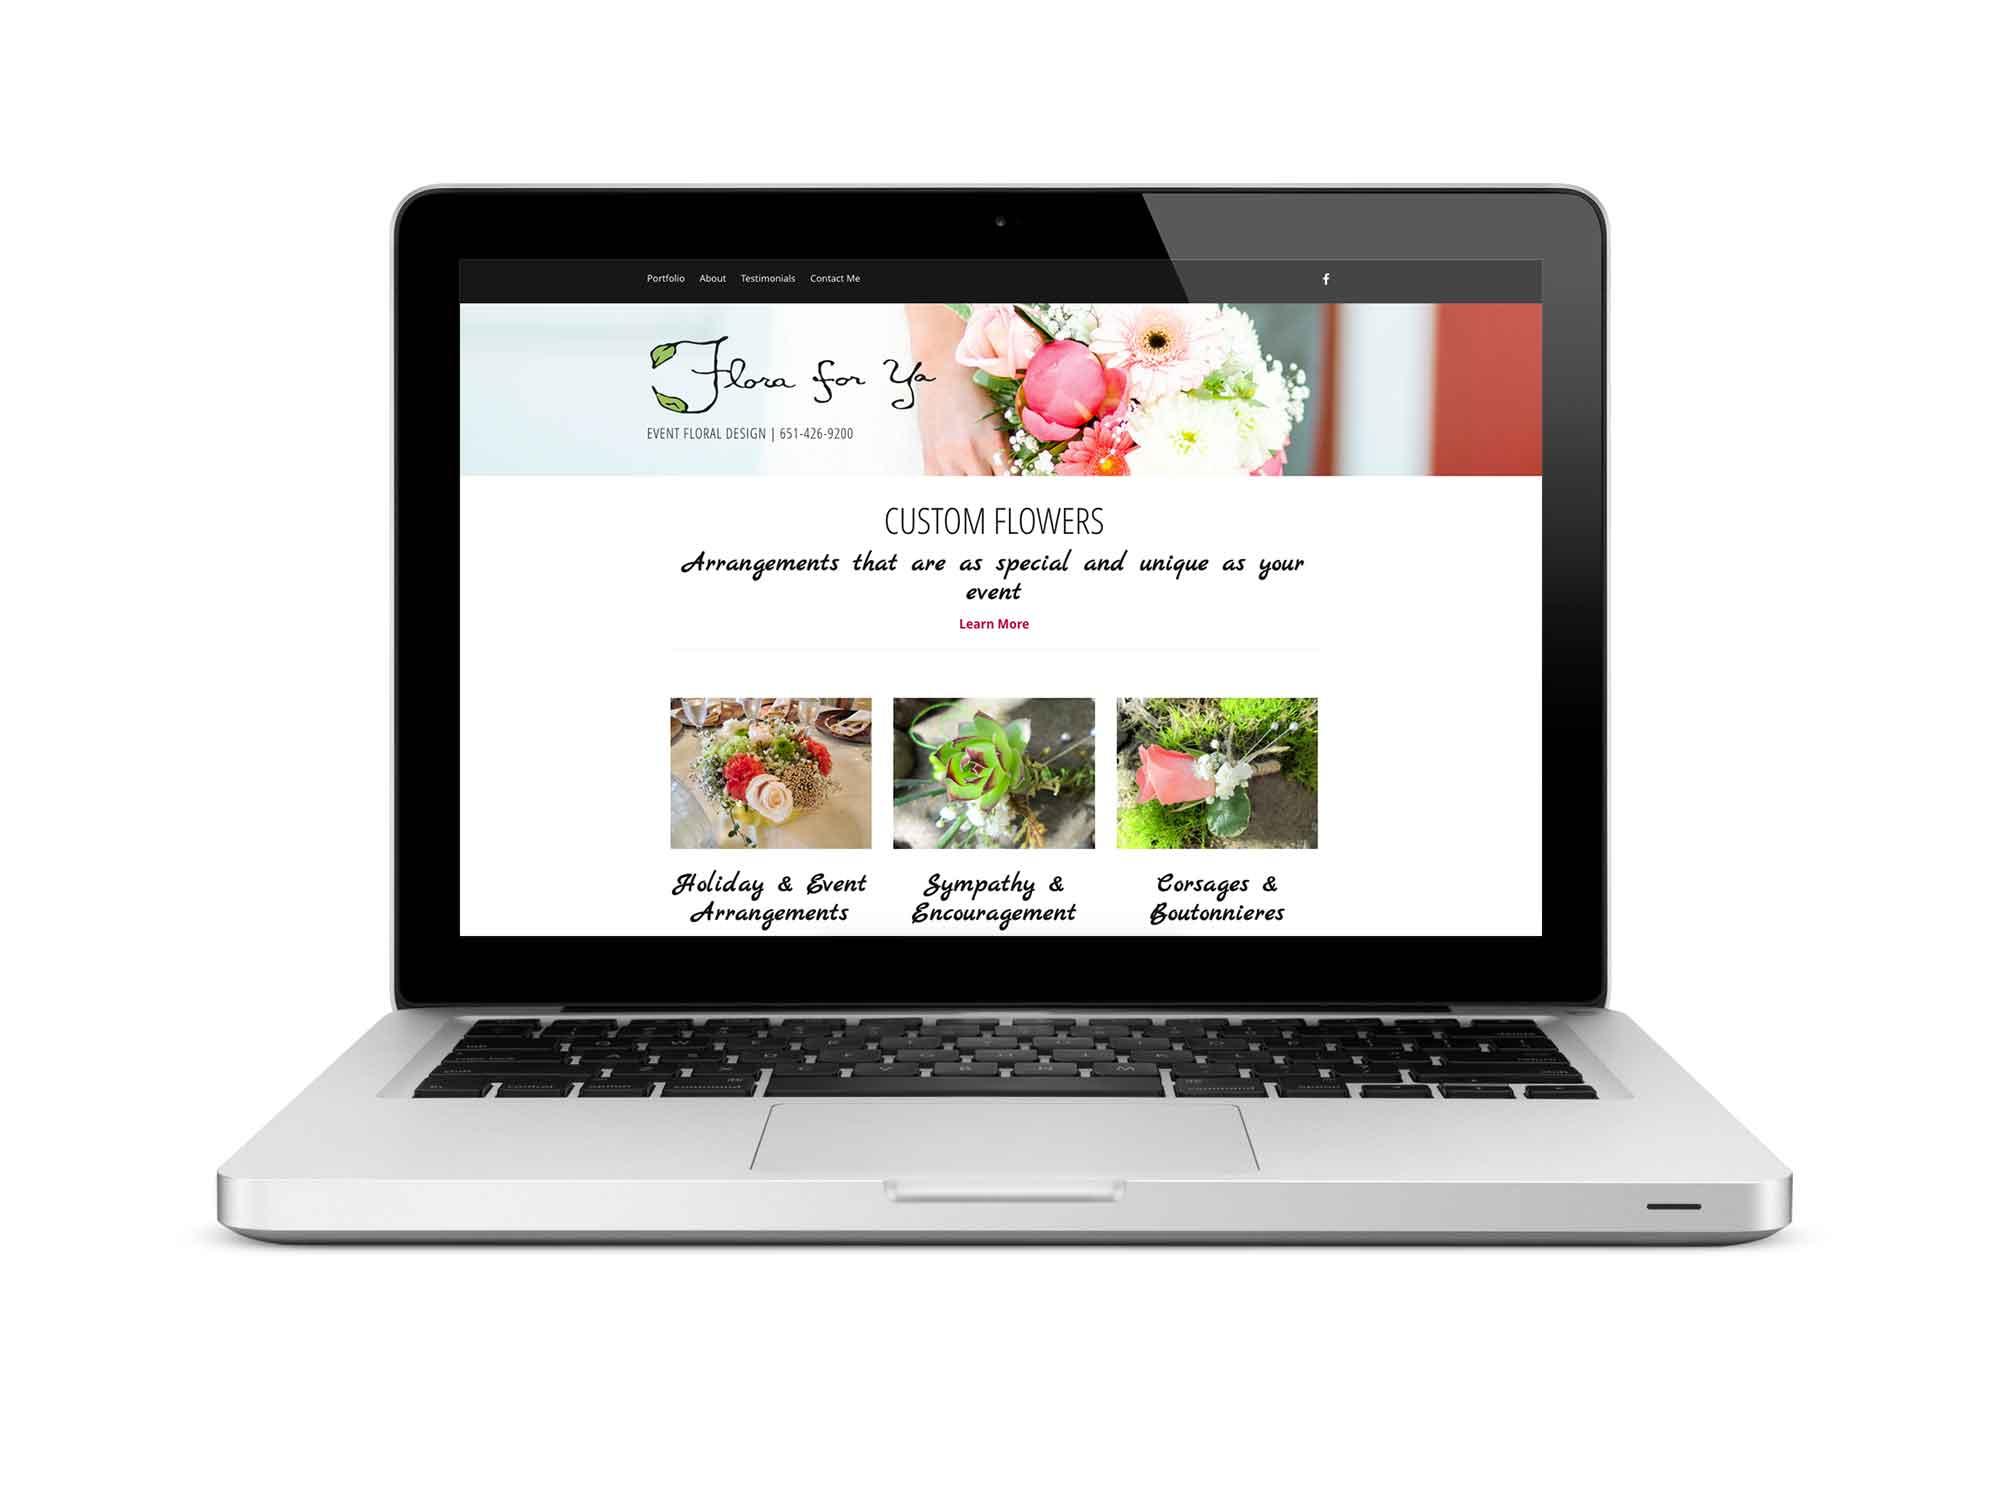 floraforya.com